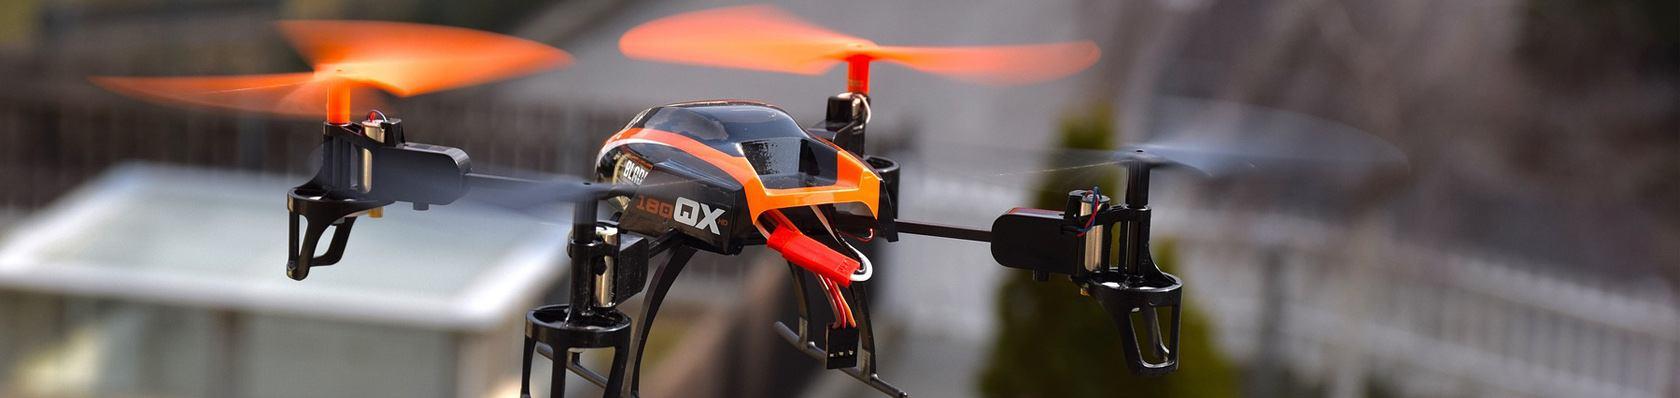 Drone im Test auf ExpertenTesten.de